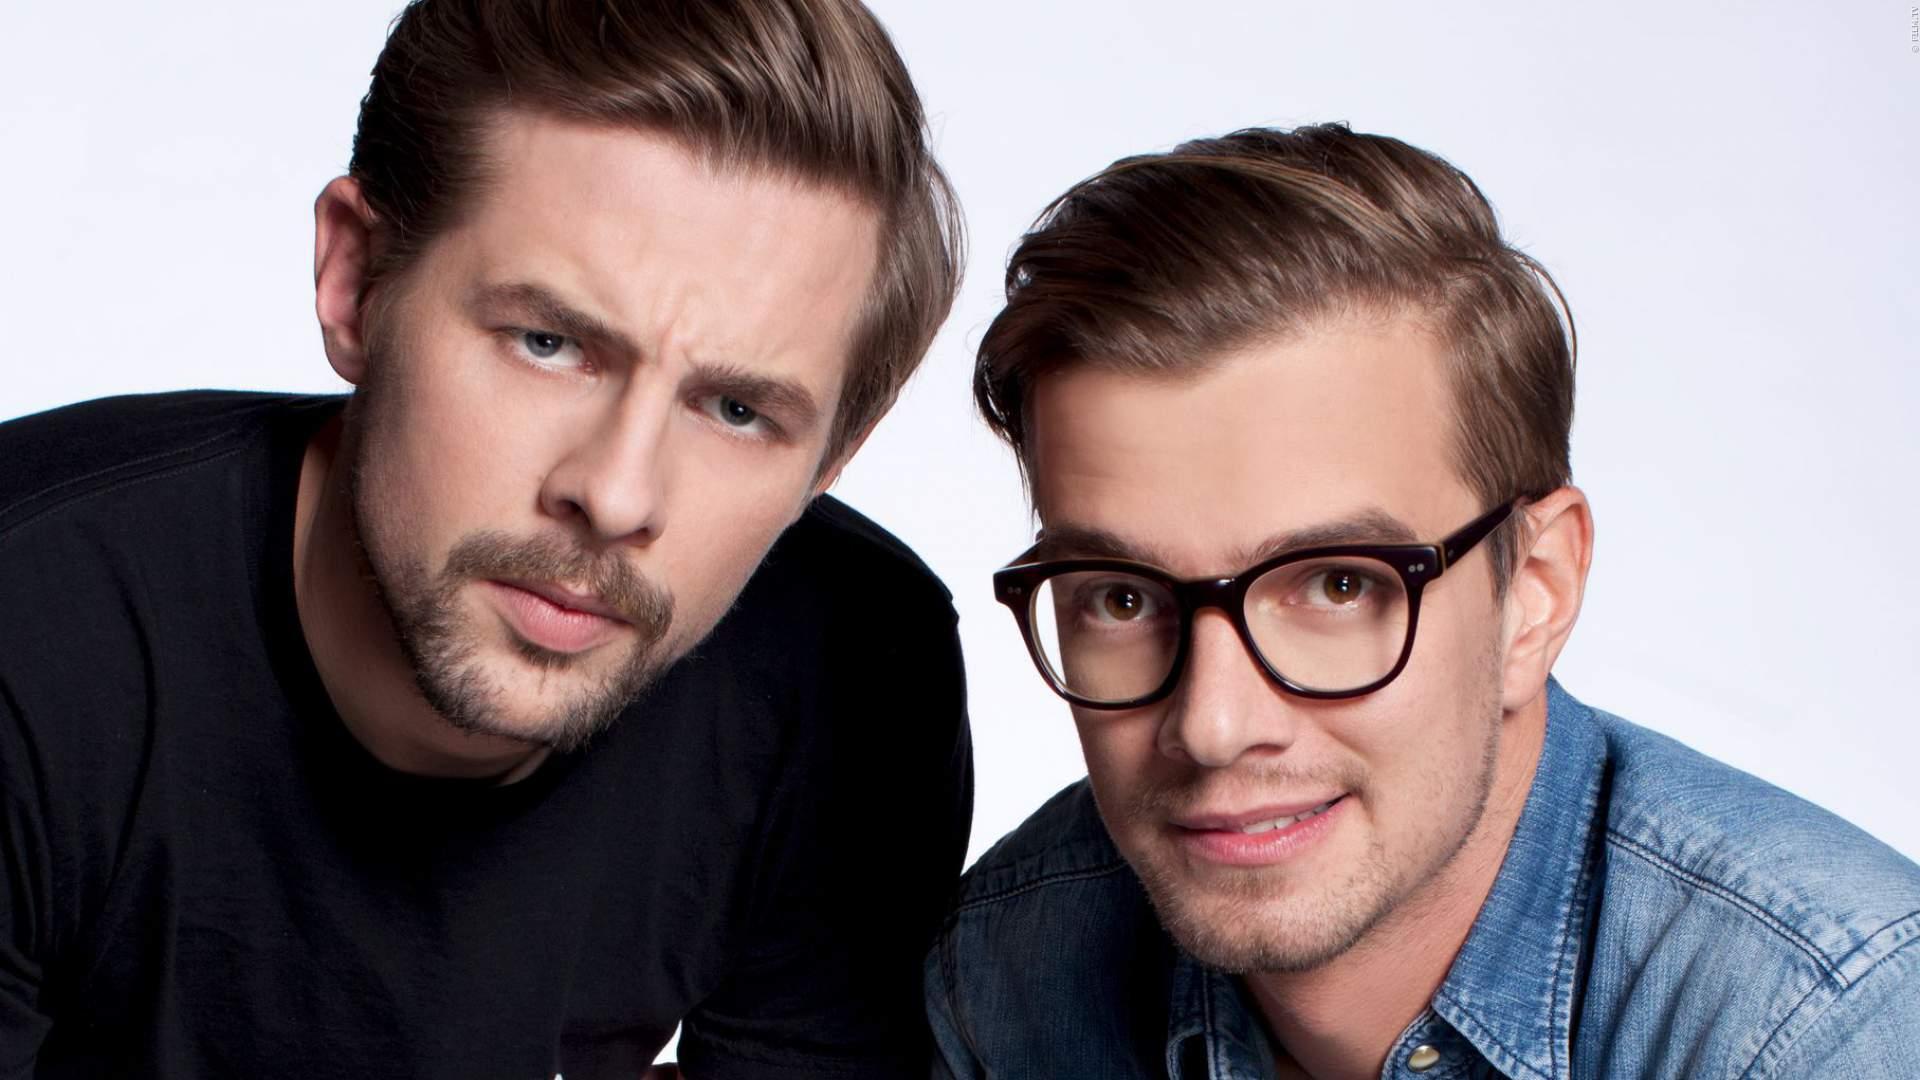 Auch das noch! - Joko und Klaas produzieren eigenen Song